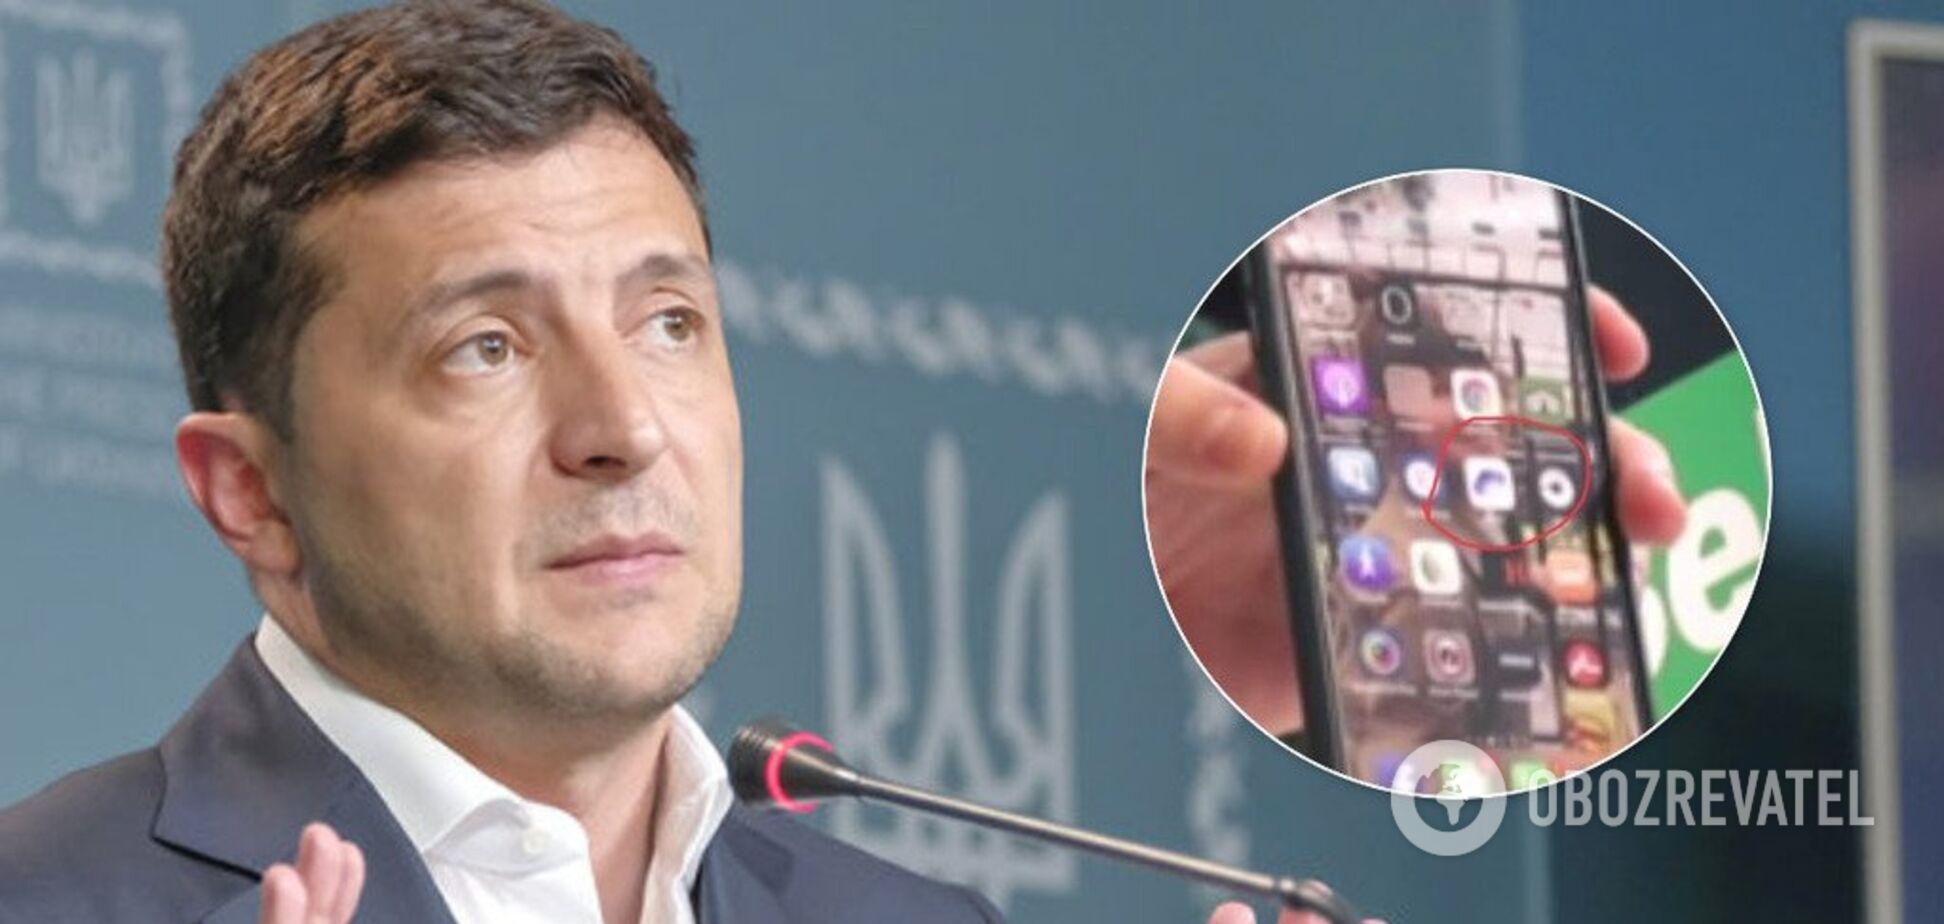 Яндекс.Диск на смартфоне Зеленского: стало известно об опасности для Украины